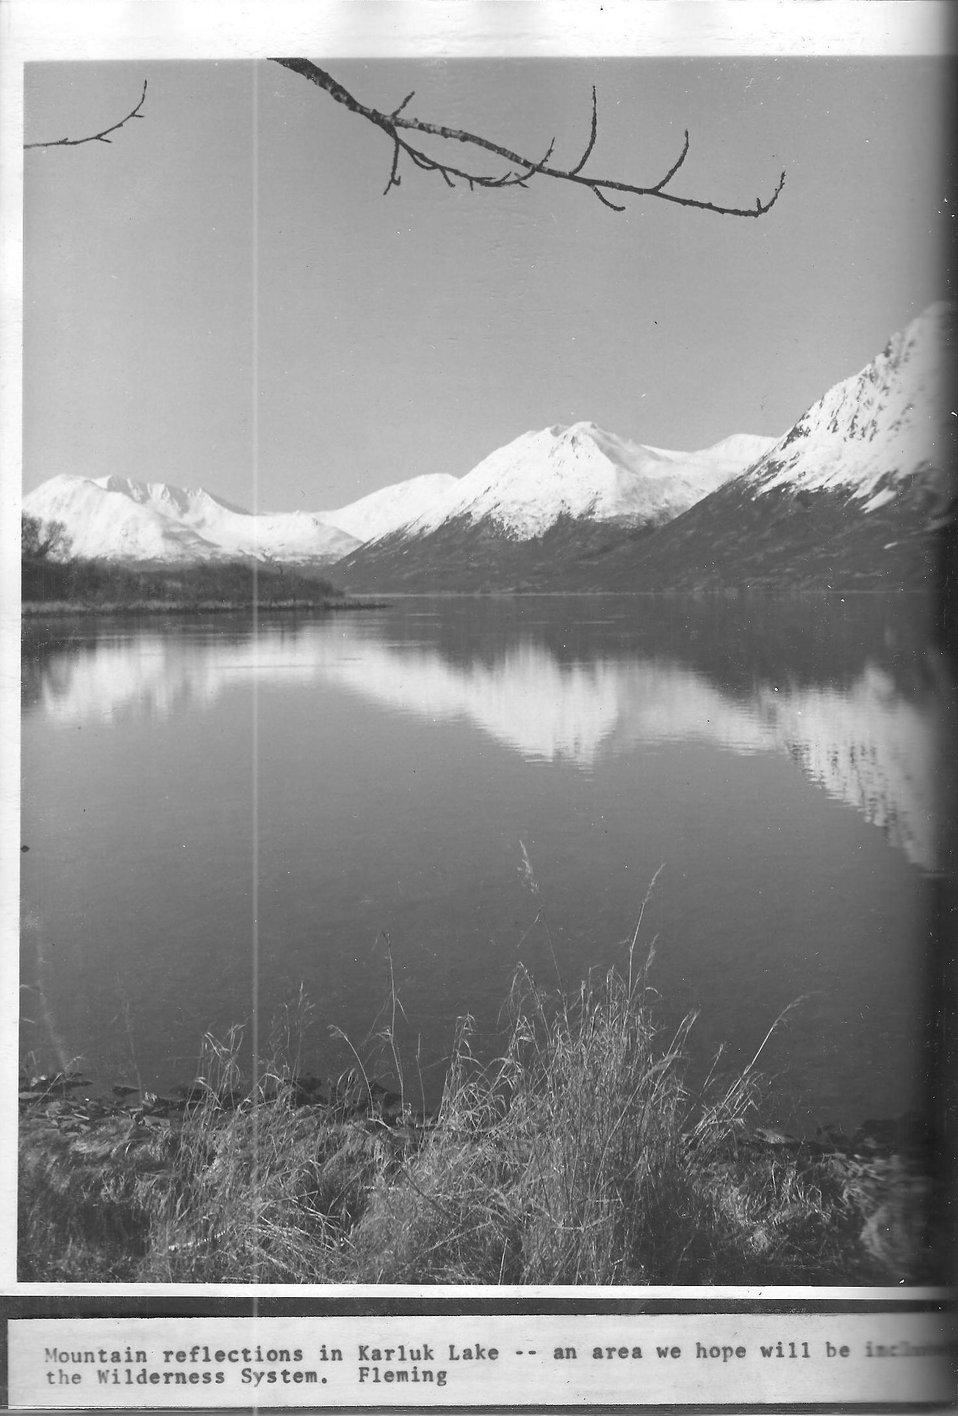 (1970) Karluk Lake